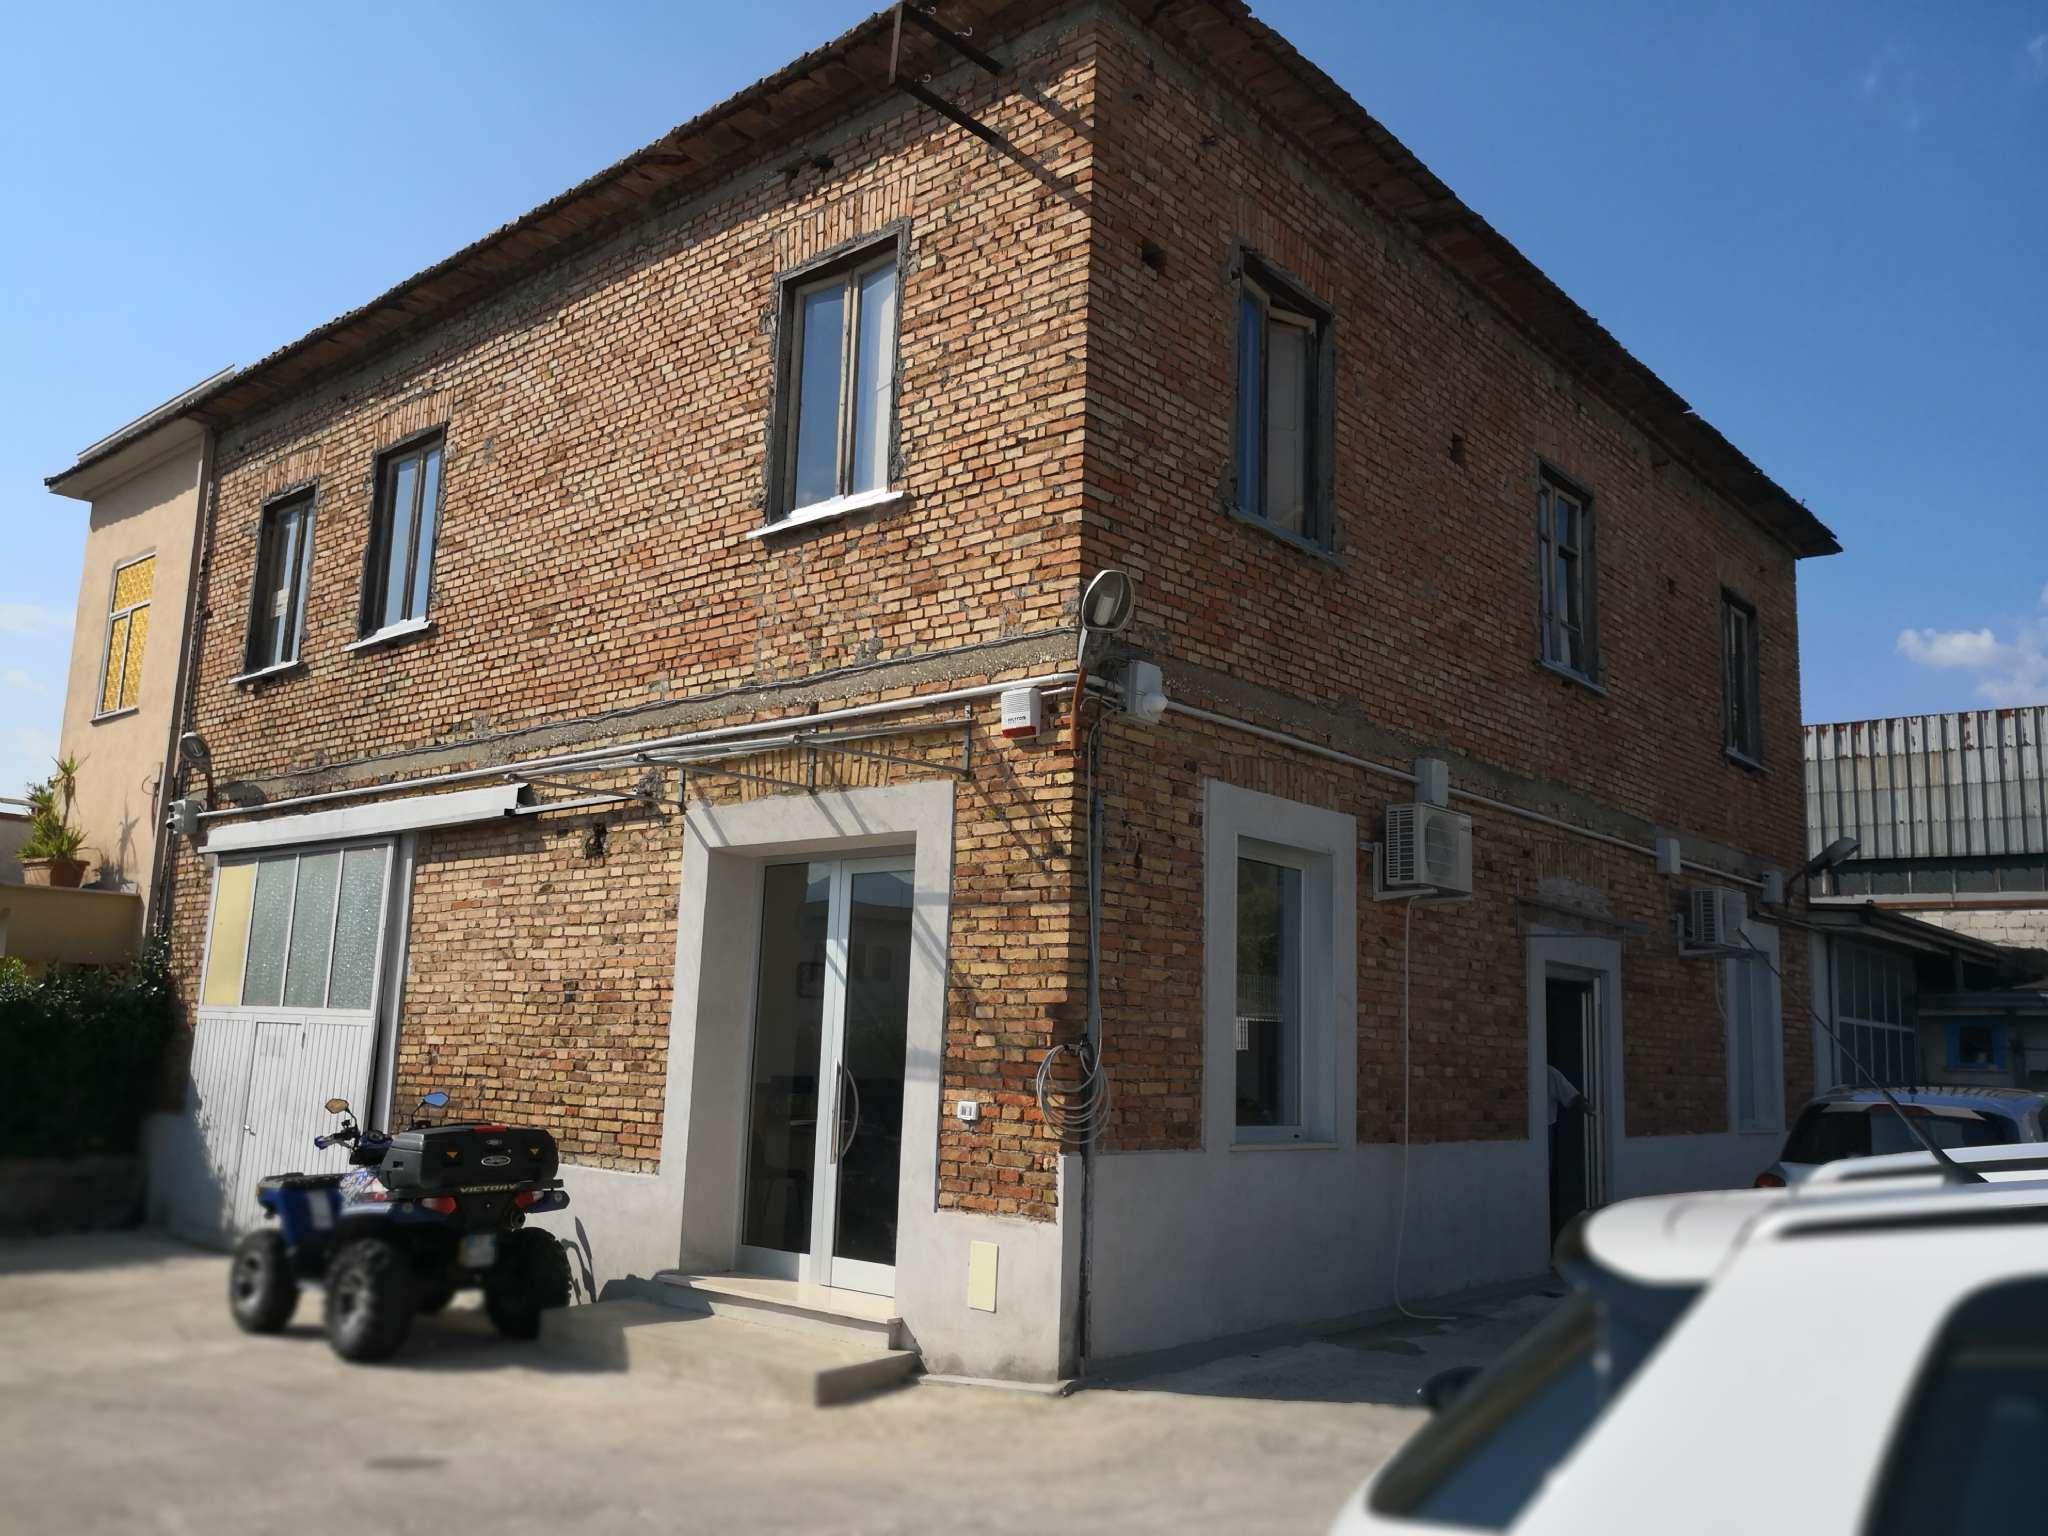 Negozio / Locale in vendita a Frosinone, 9999 locali, prezzo € 210.000 | CambioCasa.it